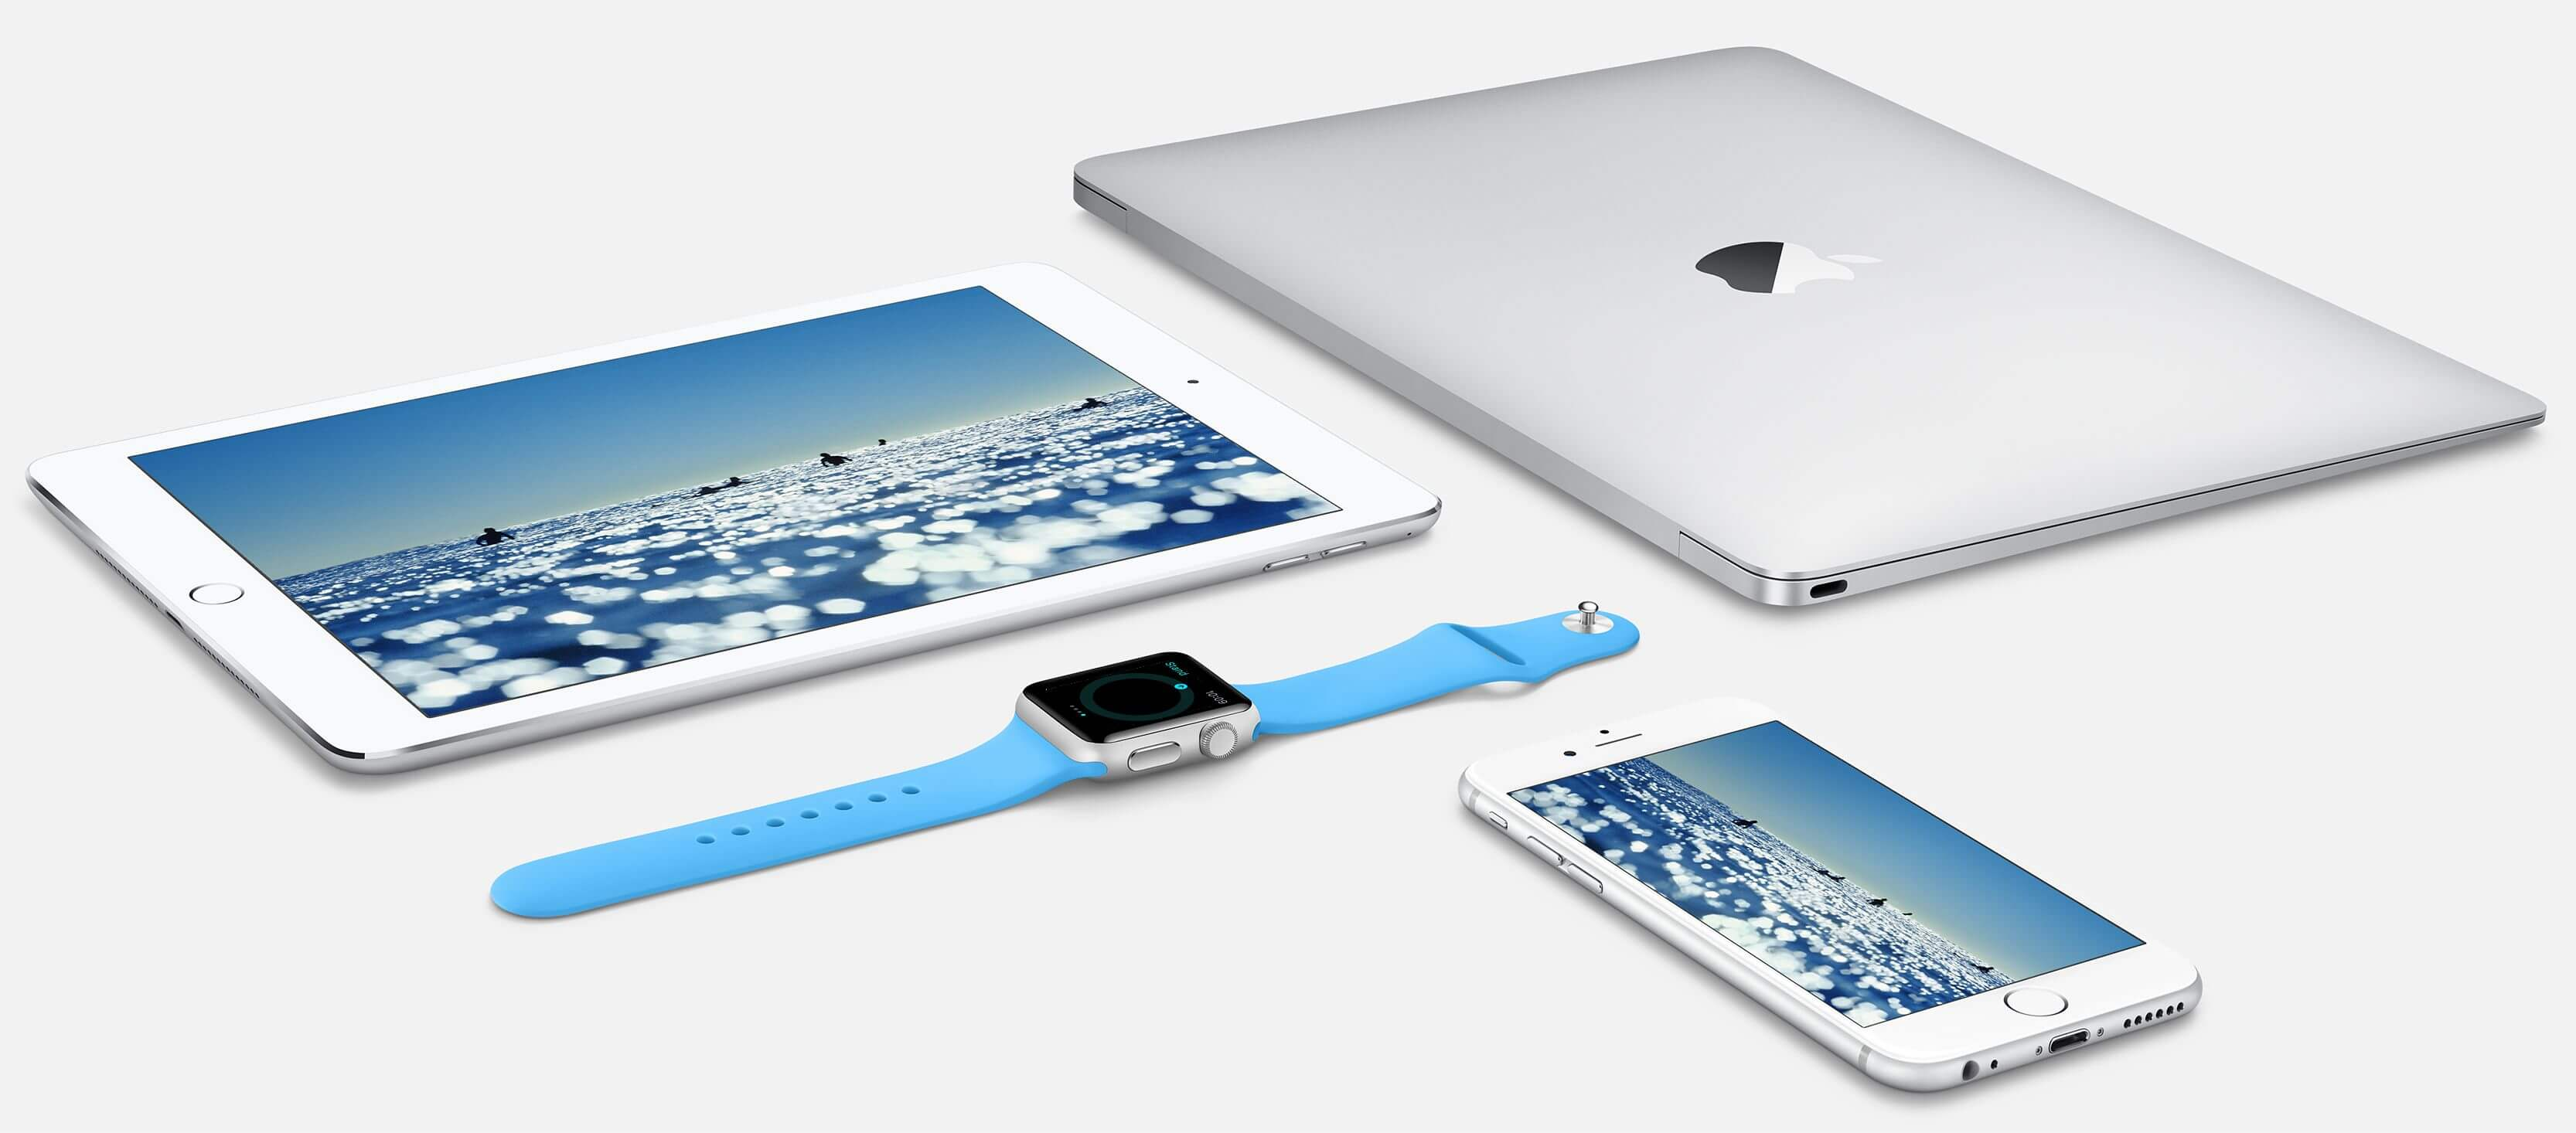 Какие продукты Apple за последние два года покупали чаще всего?